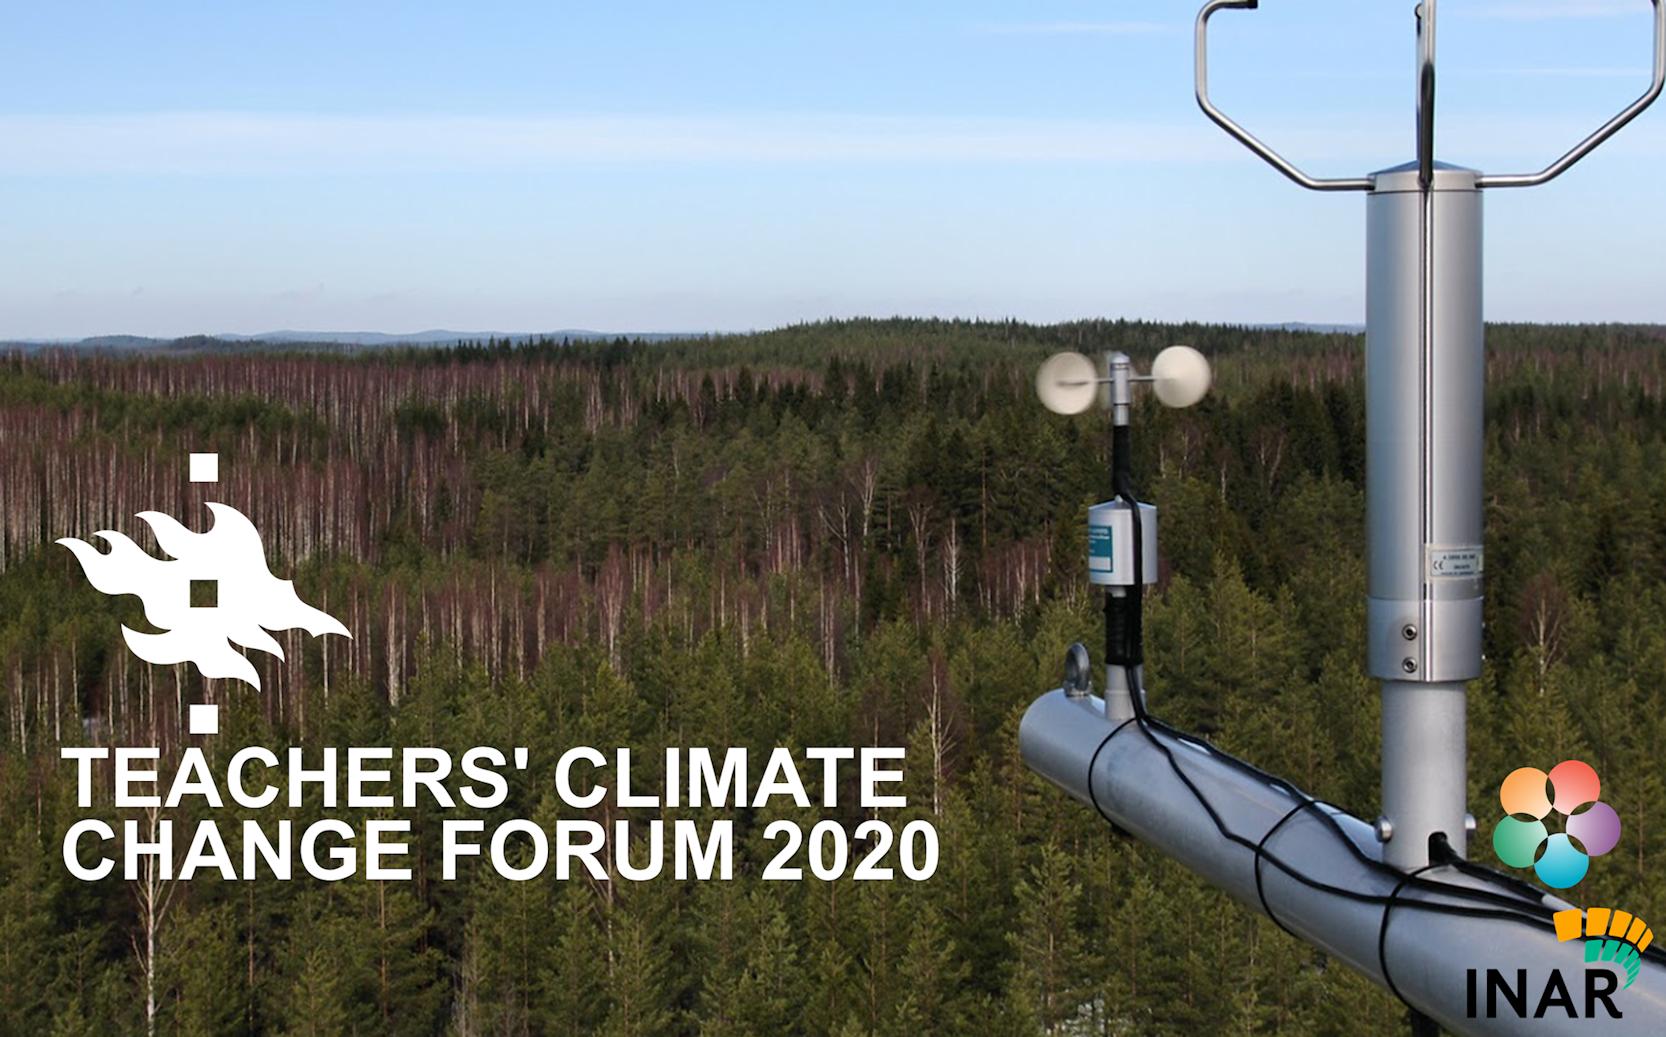 Teachers' climate change forumin 2020 bannerissa on kuvattu Hyytiälän metsäasemaa.